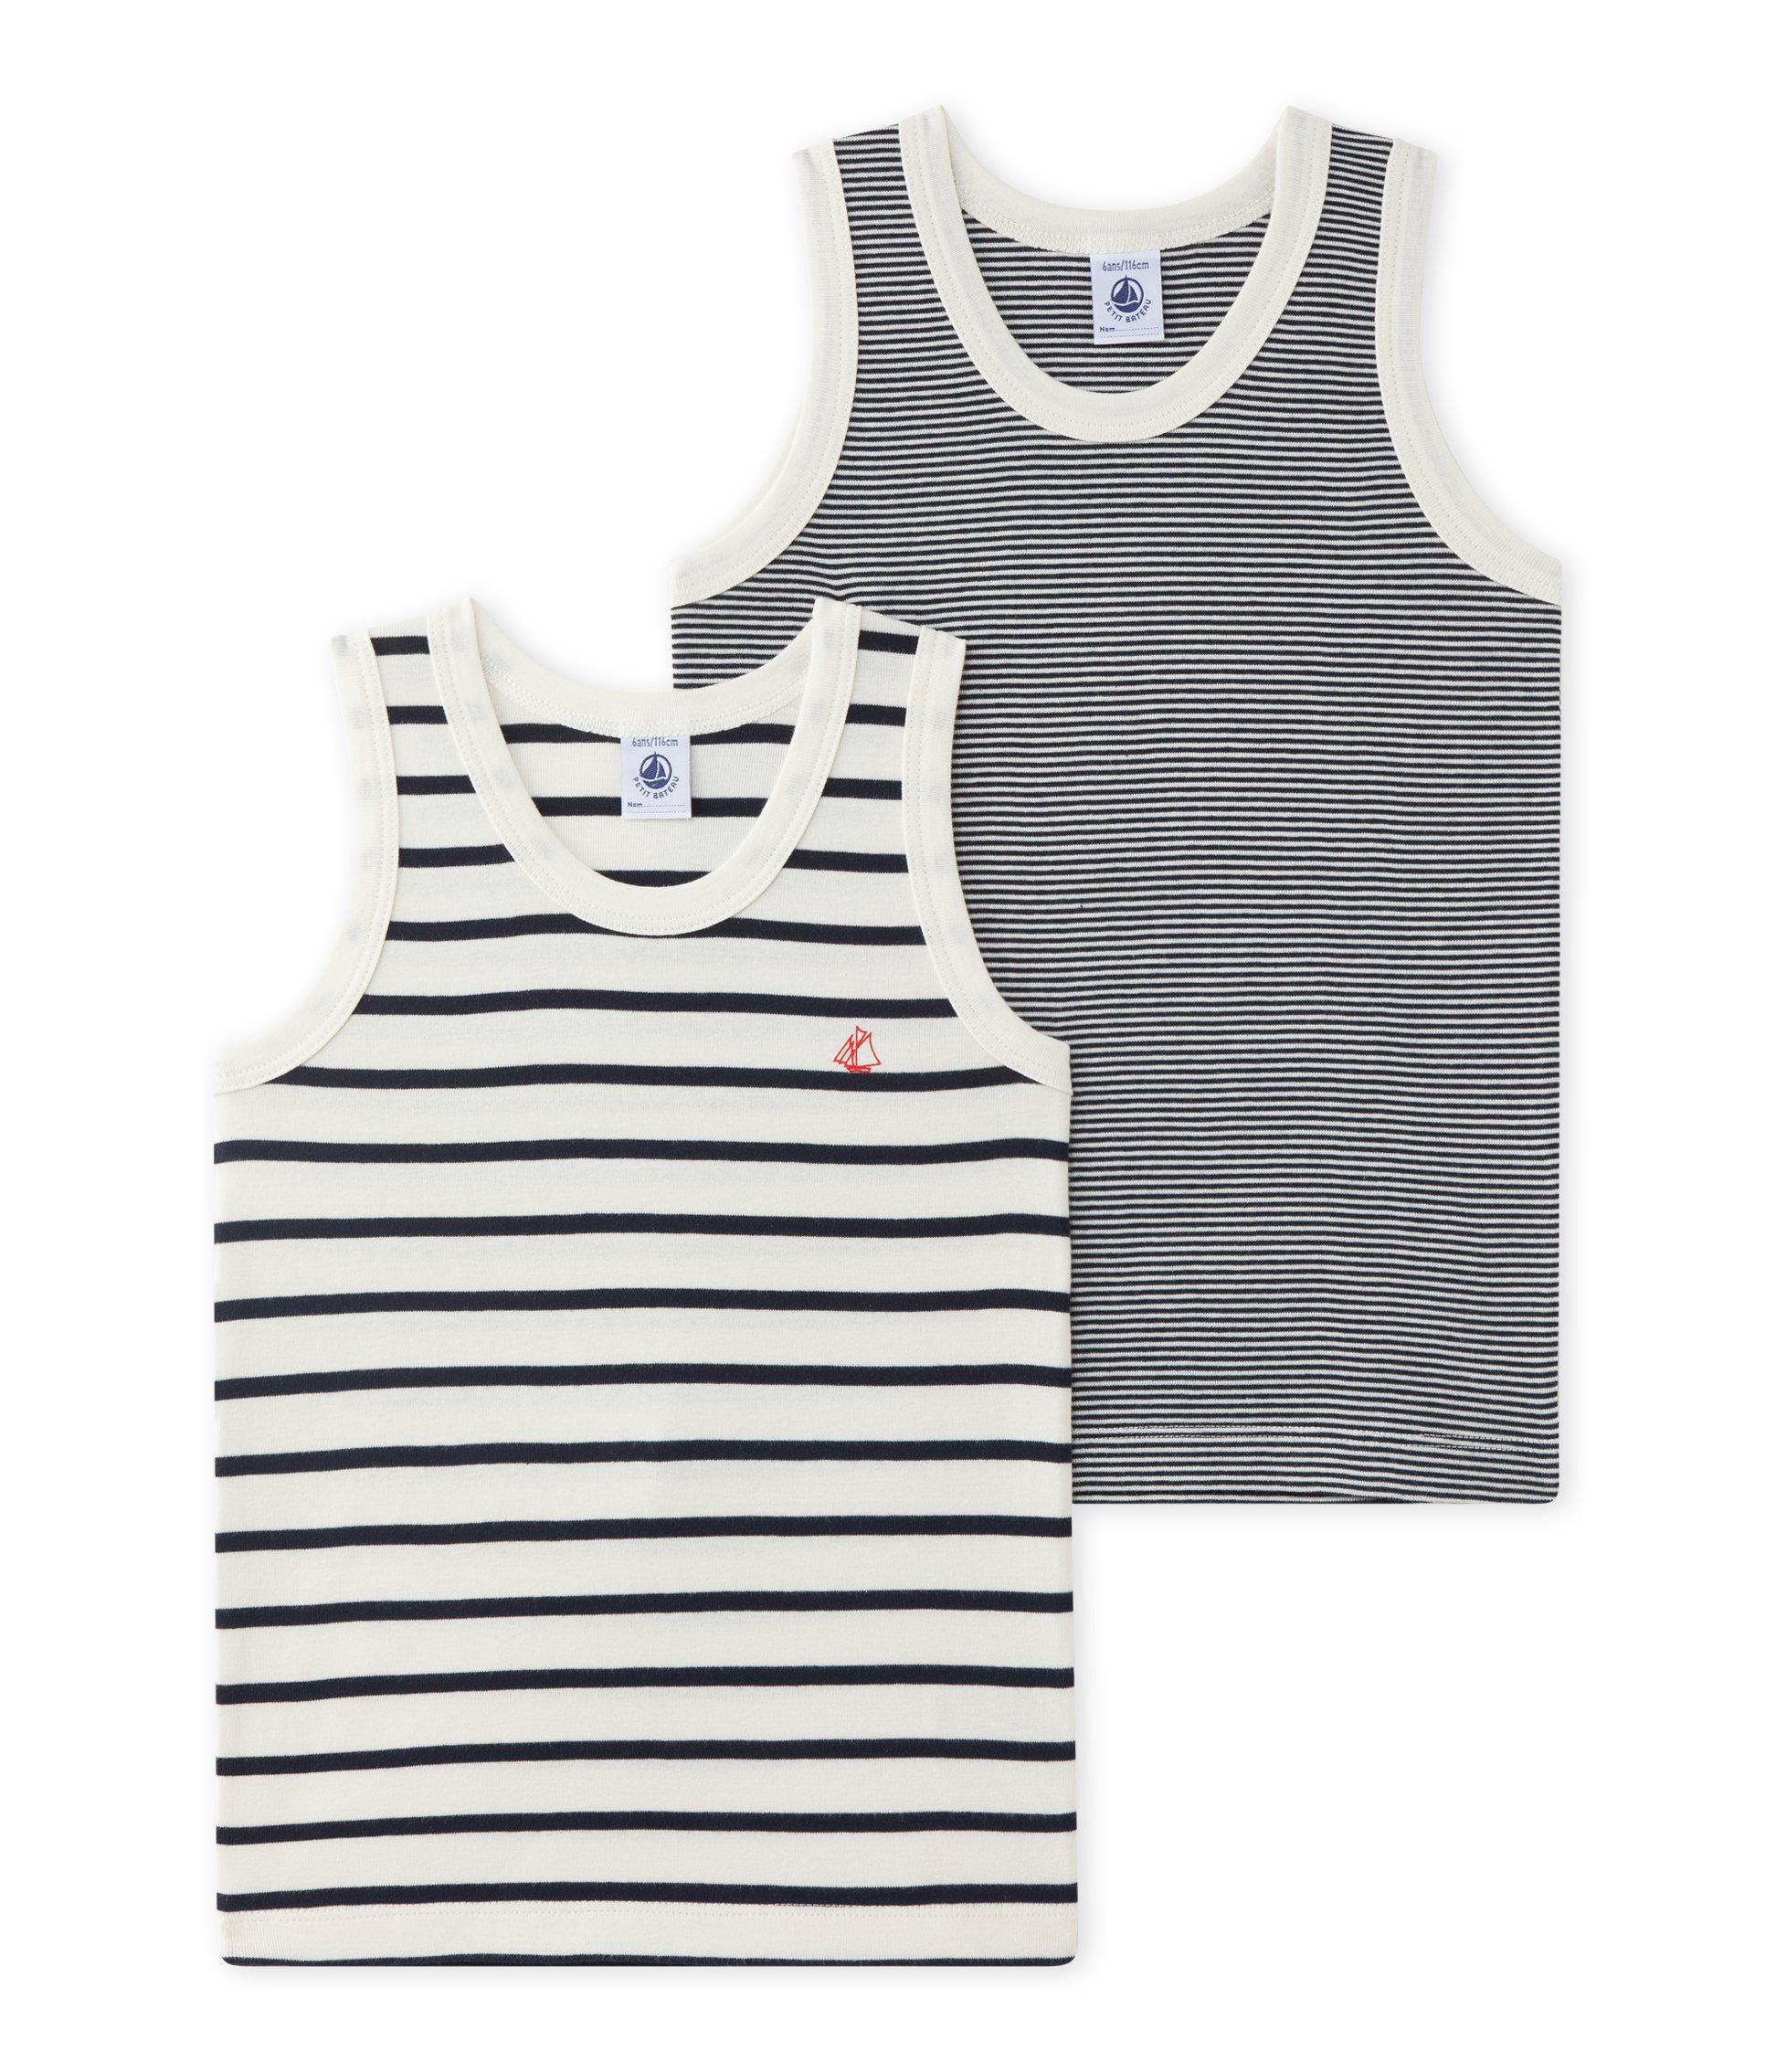 Petit Bateau Boys Undershirts 2 Pk Denim Color /& Red Color Sizes 2-14 Style 12070